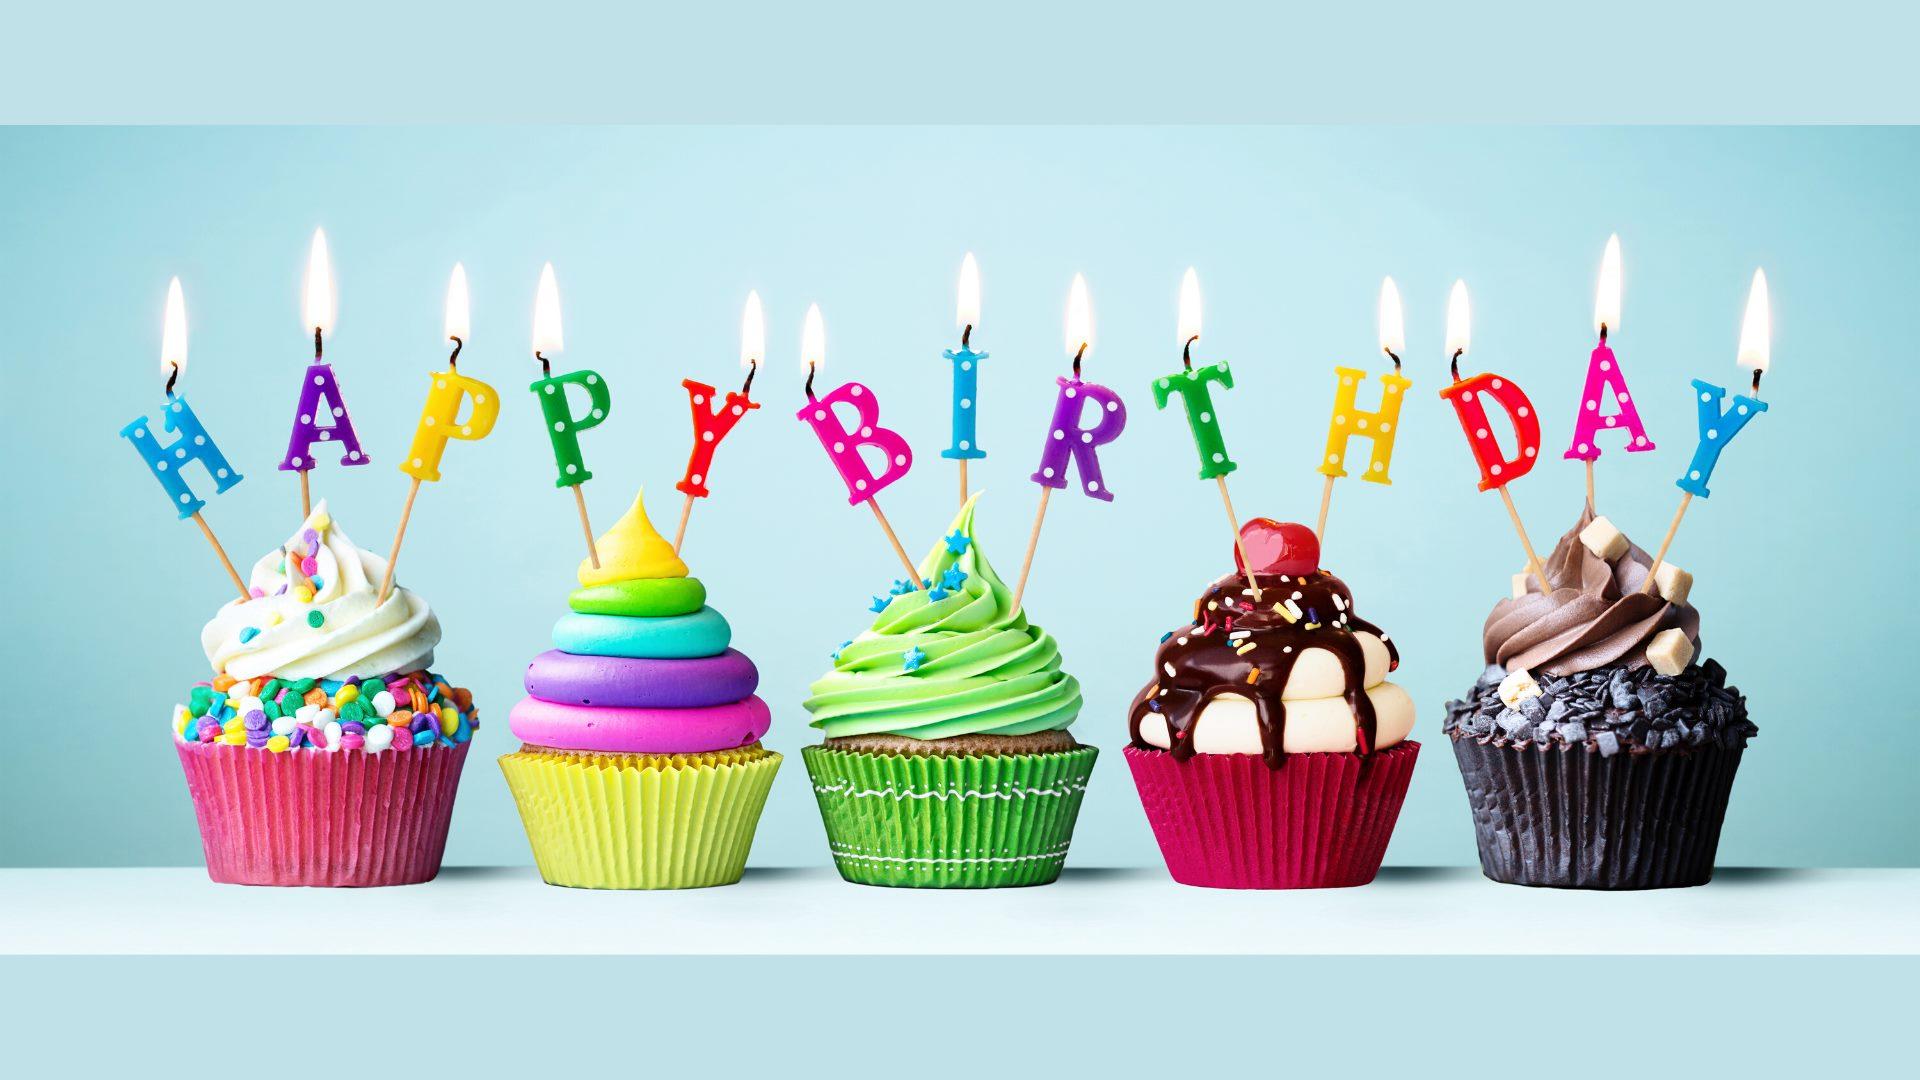 Birthday,funny birthday,wishes,happy birthday,Happy Birthday 2021,HAPPY BIRTHDAY WISHES,Happy Birthday sms,Happy Birthday massage,Happy Birthday quotes,Birthday wishes,